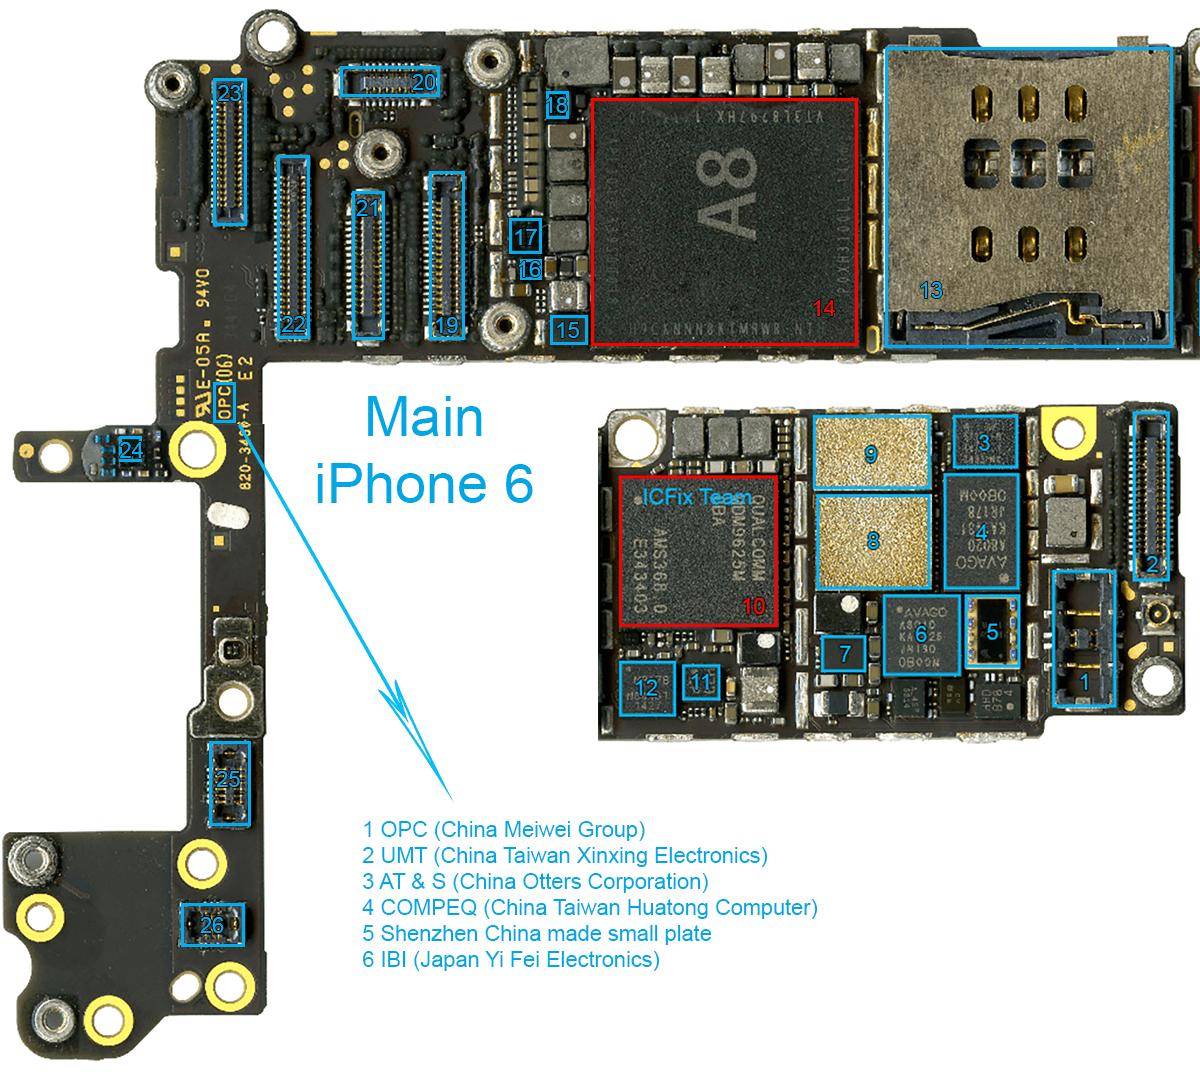 Linh Kiện Mặt Trước iPhone 6